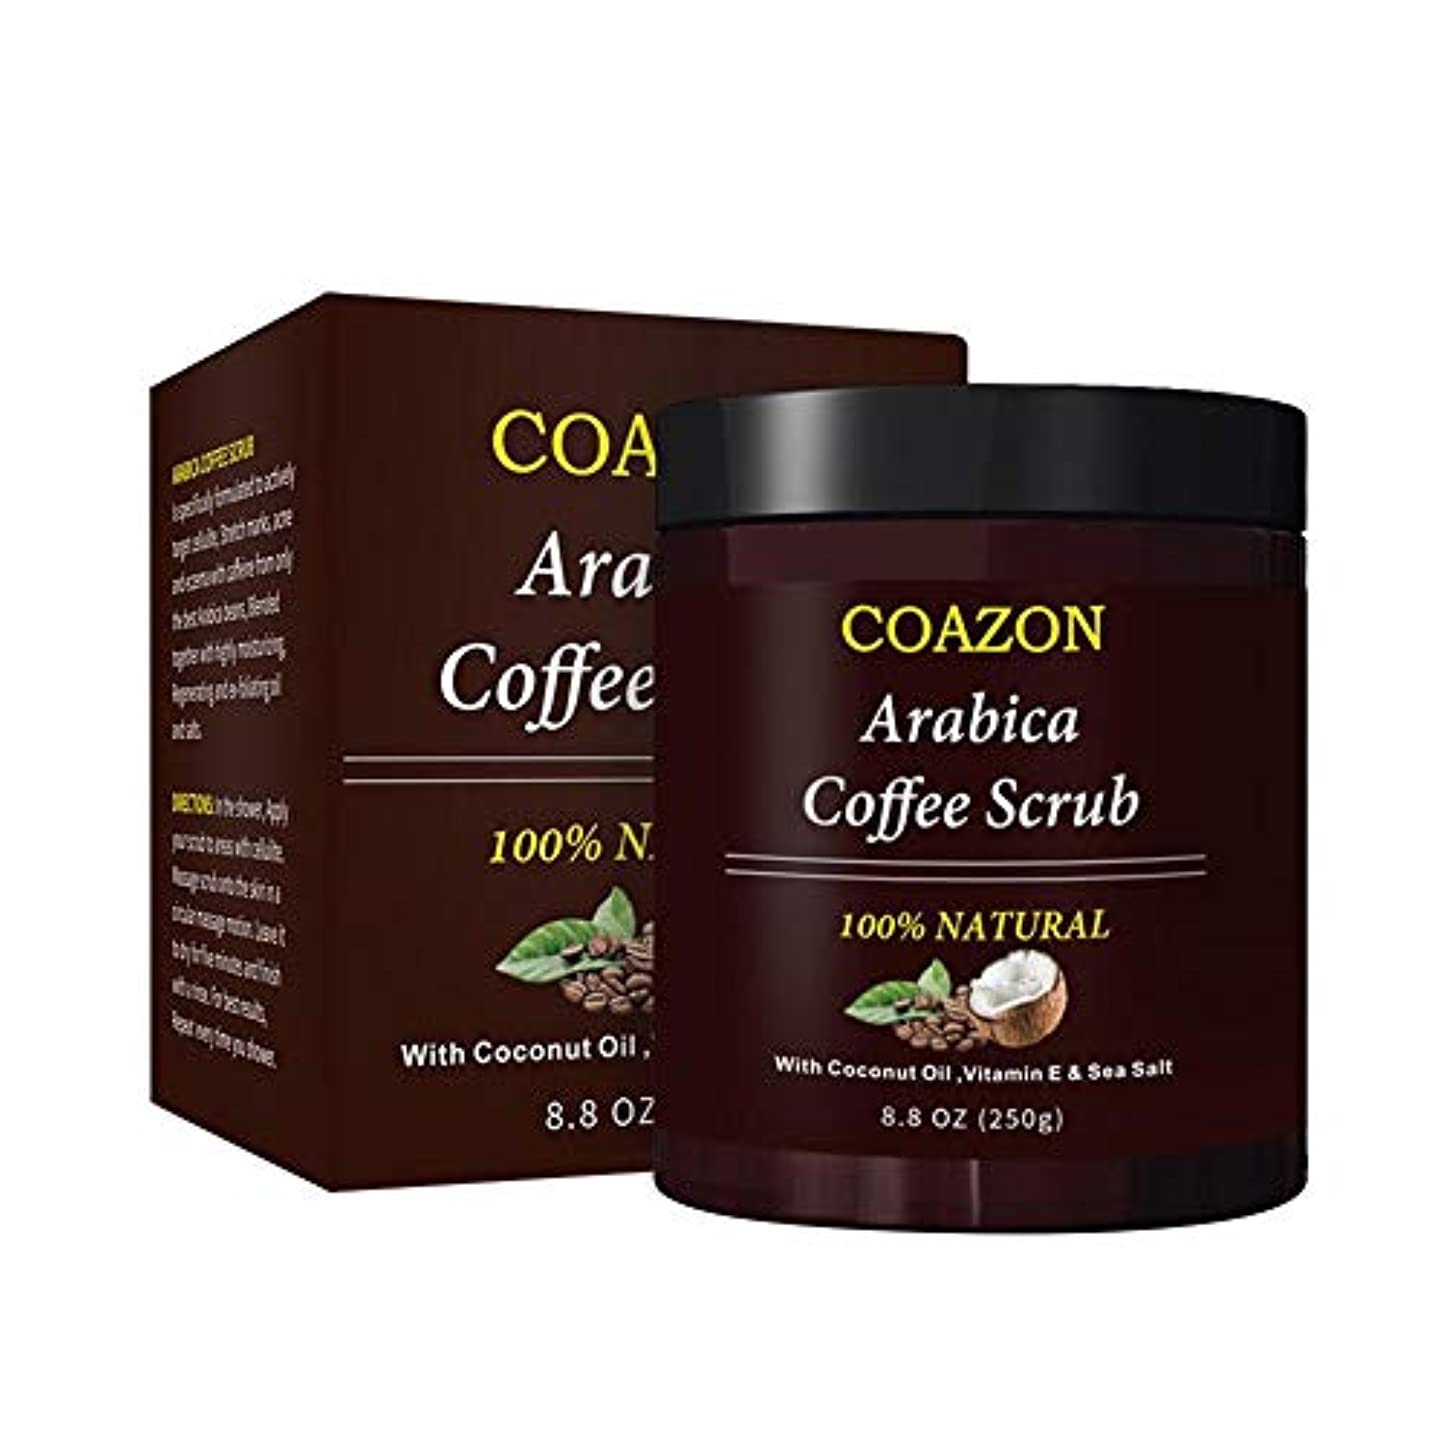 アルミニウム中湿気の多いColdwhite ボディースクラブ 角質除去ホワイトニング保湿抗セルライト治療のためのコーヒー介護者の自然死海塩クリーム 240g